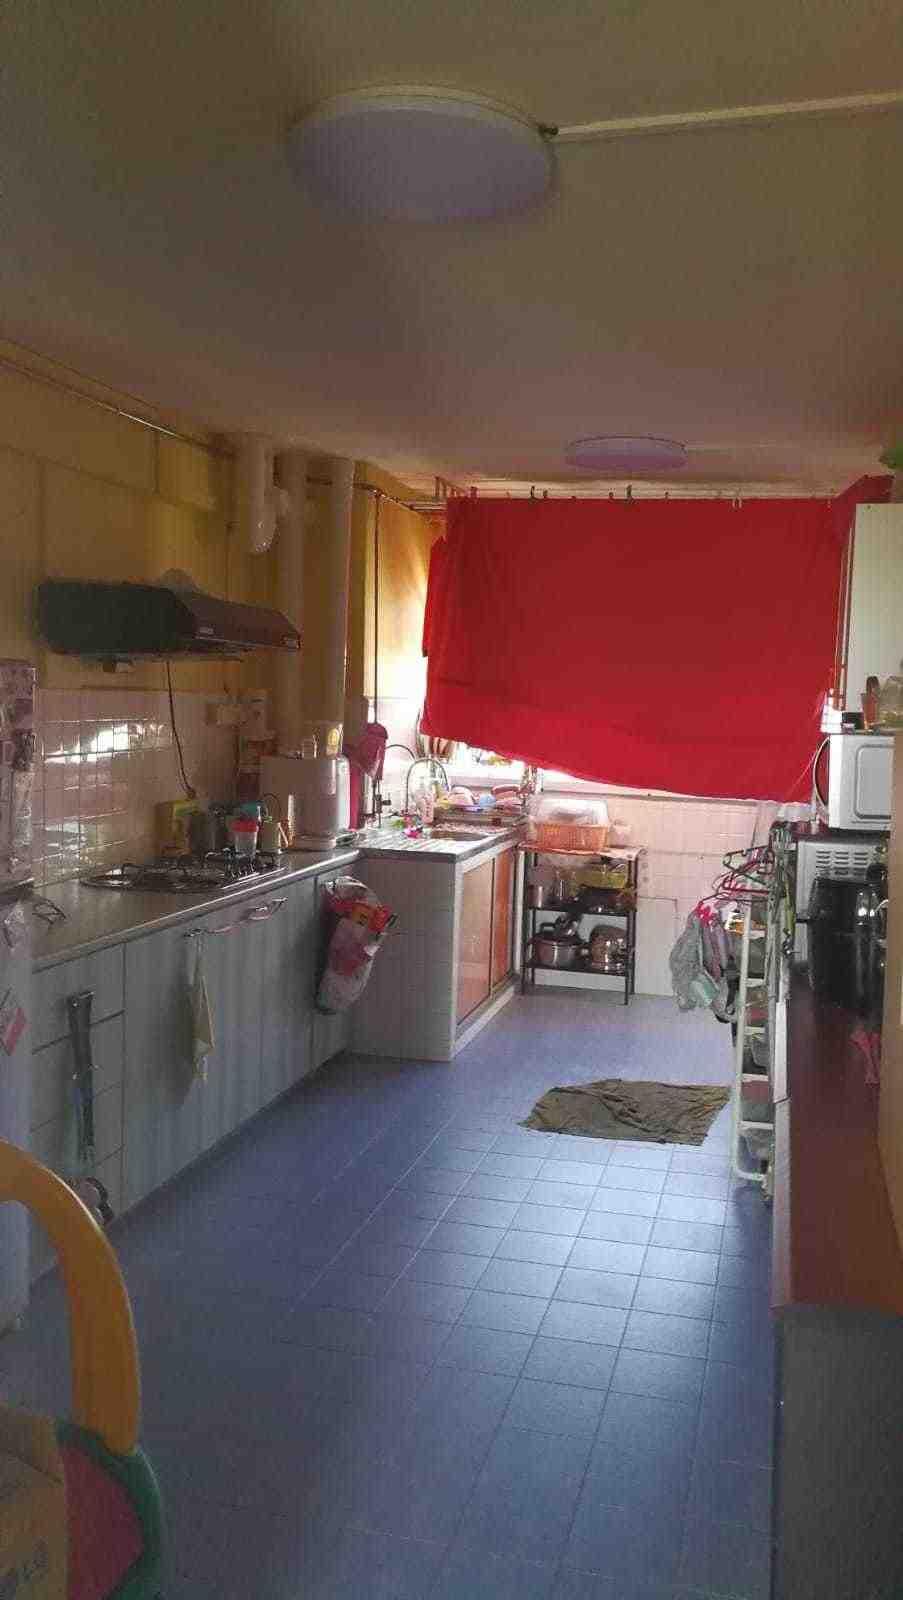 156 amk kitchen